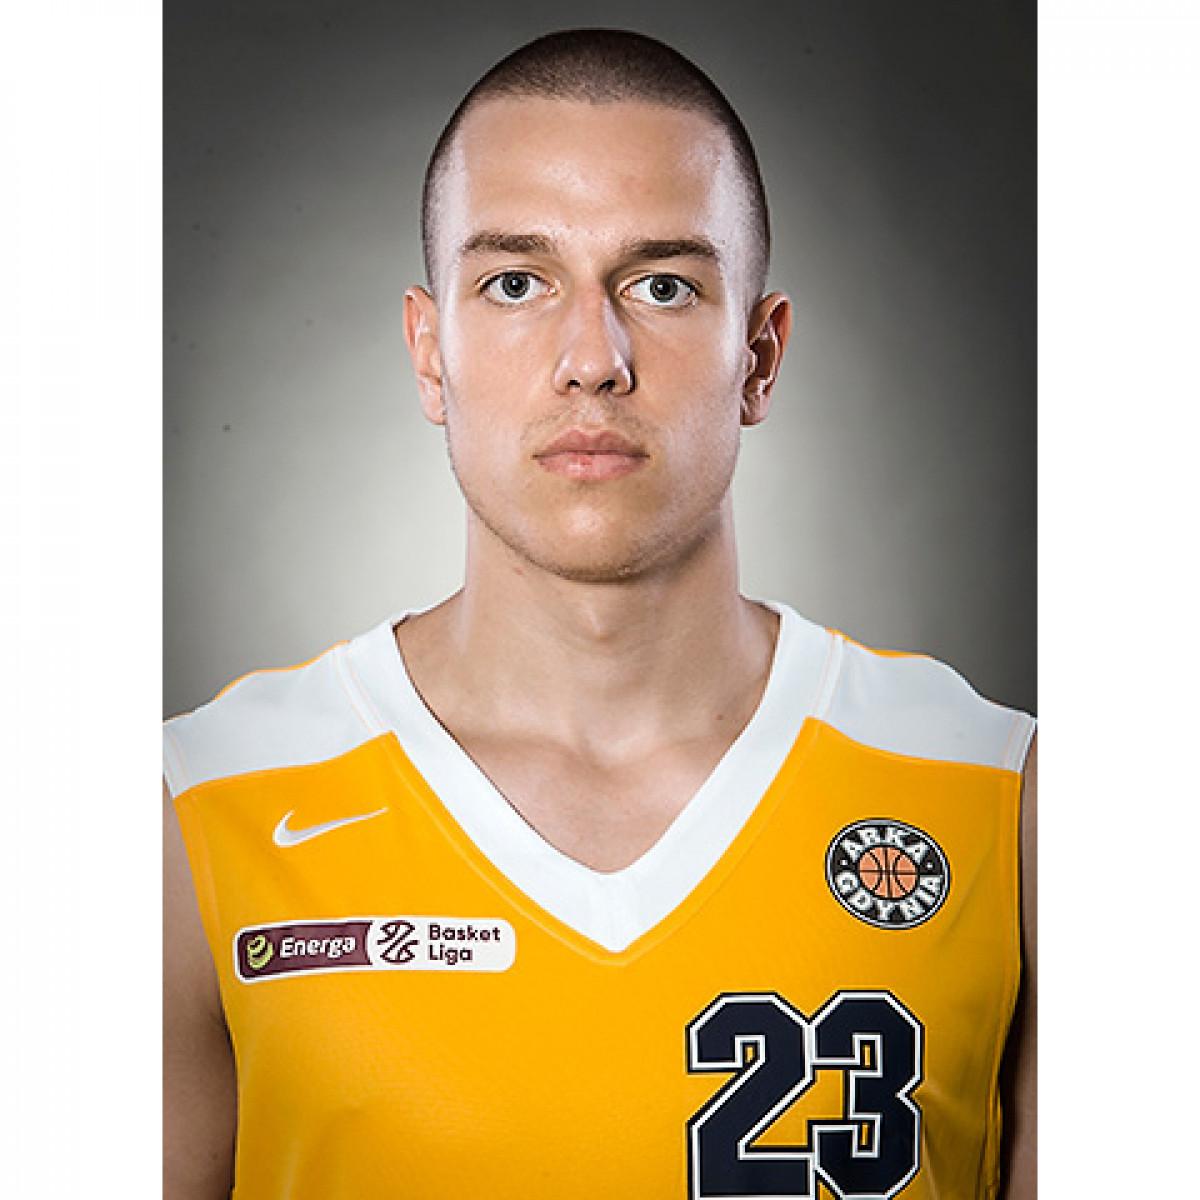 Photo of Grzegorz Kaminski, 2018-2019 season